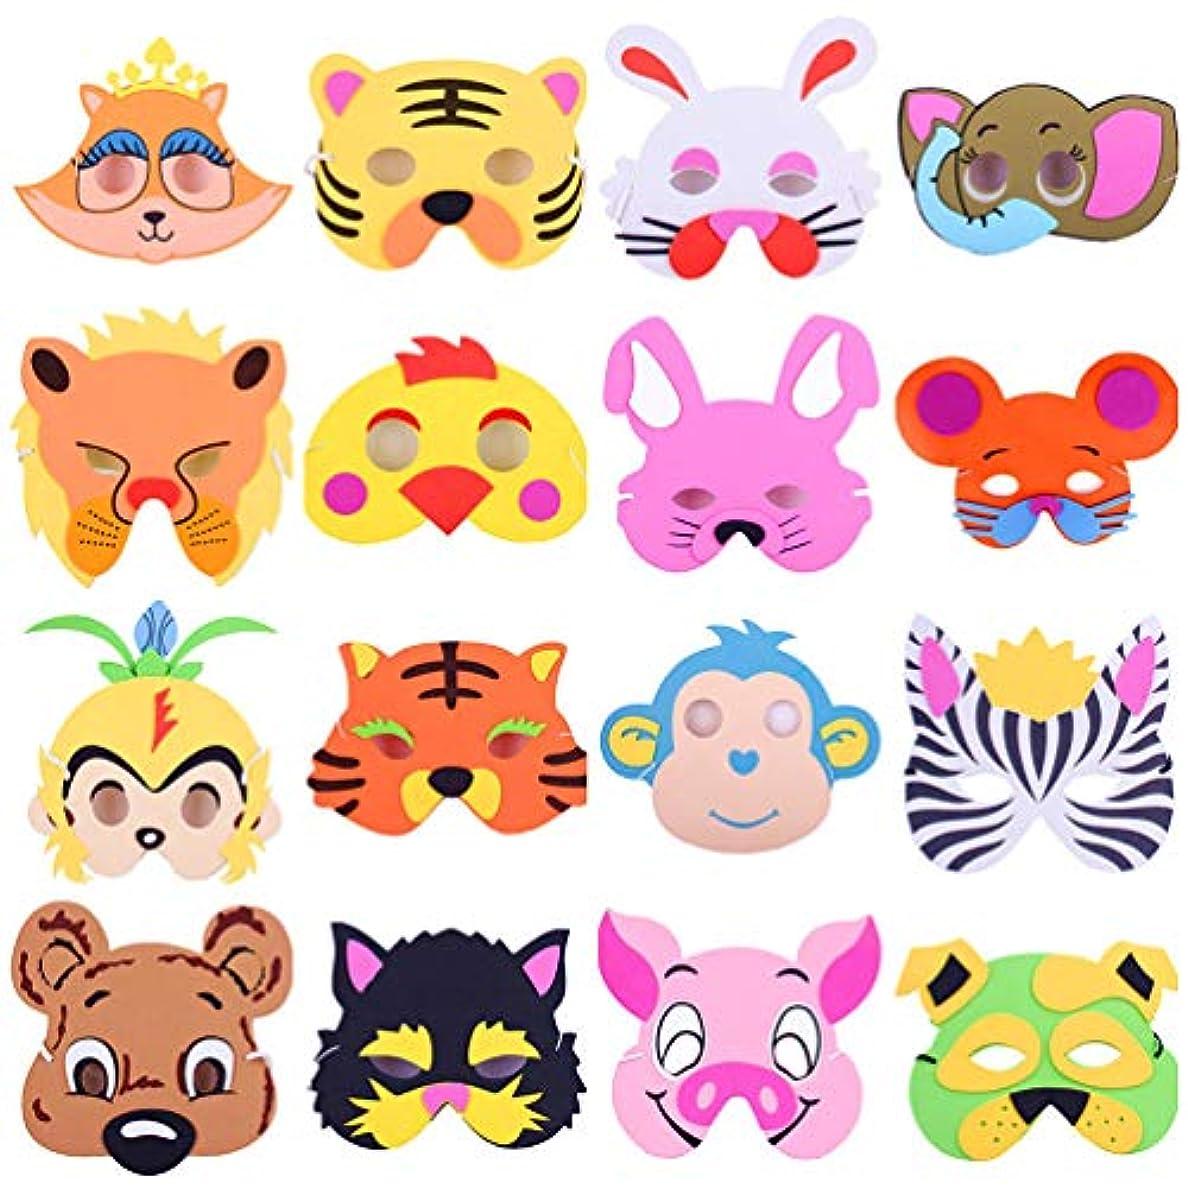 不良品測定当社NUOBESTY フェイスマスクかわいい装飾evaクリエイティブ漫画面白いマスク動物マスクセットプロップマスク用キッズ大人16ピース